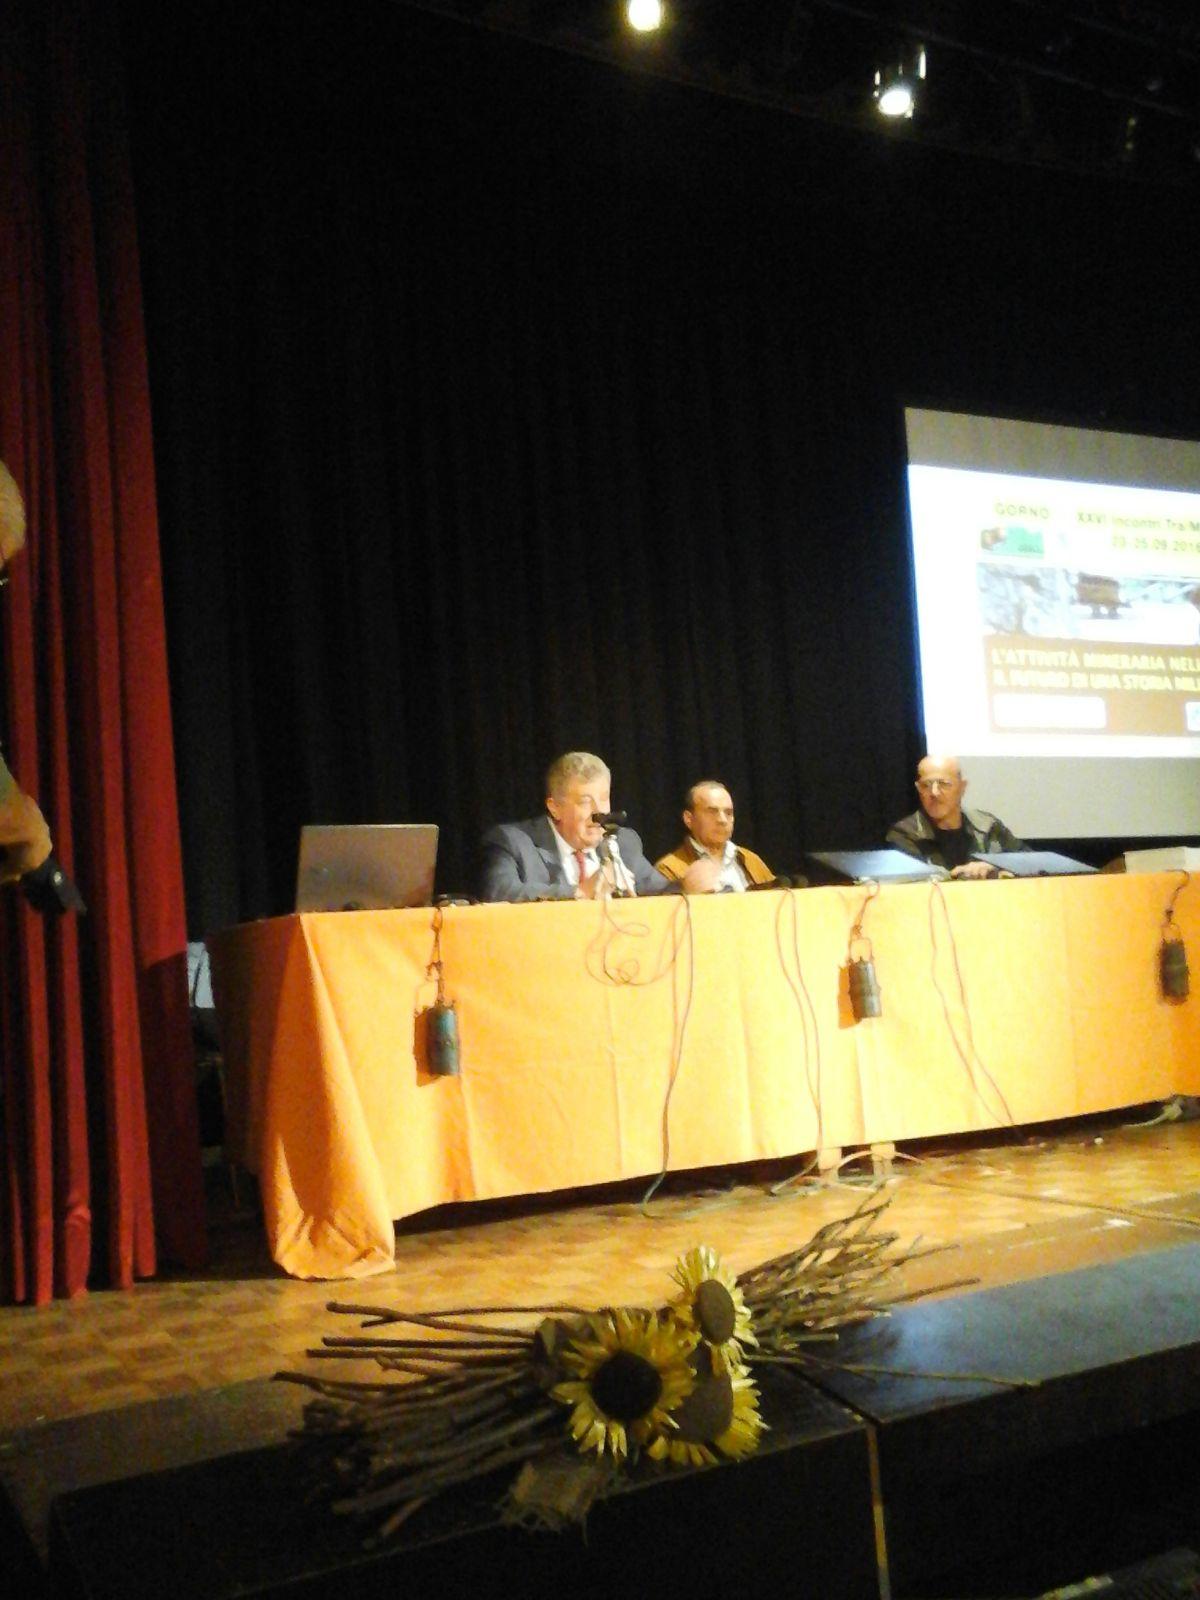 01_ITM 2016 Gorno_conferenze e premiazioni